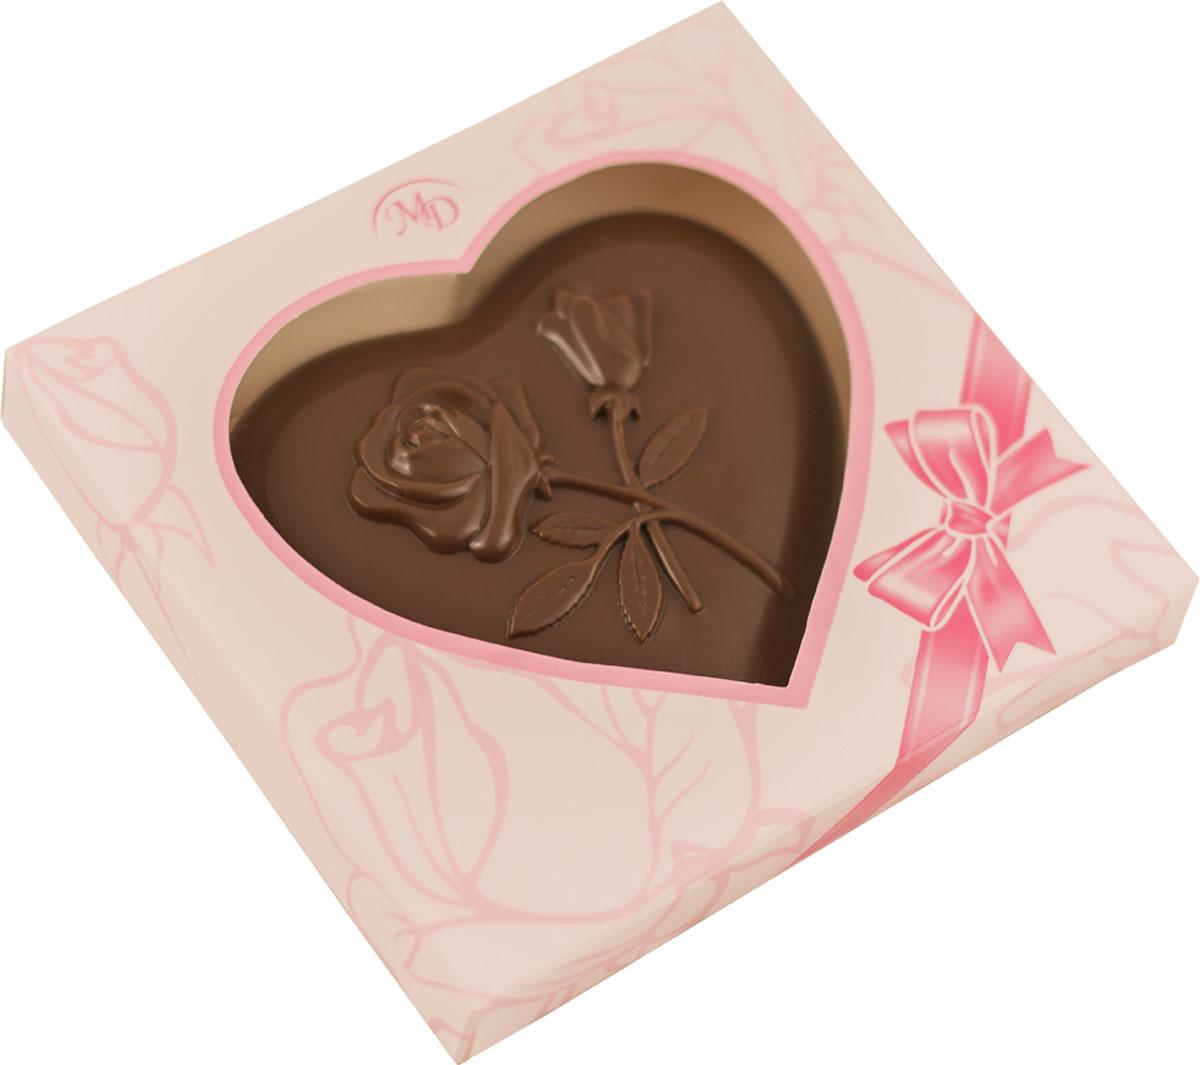 """Монетный двор """"Сердце"""" шоколадная фигура, 100 г 3406_розовая упаковка"""